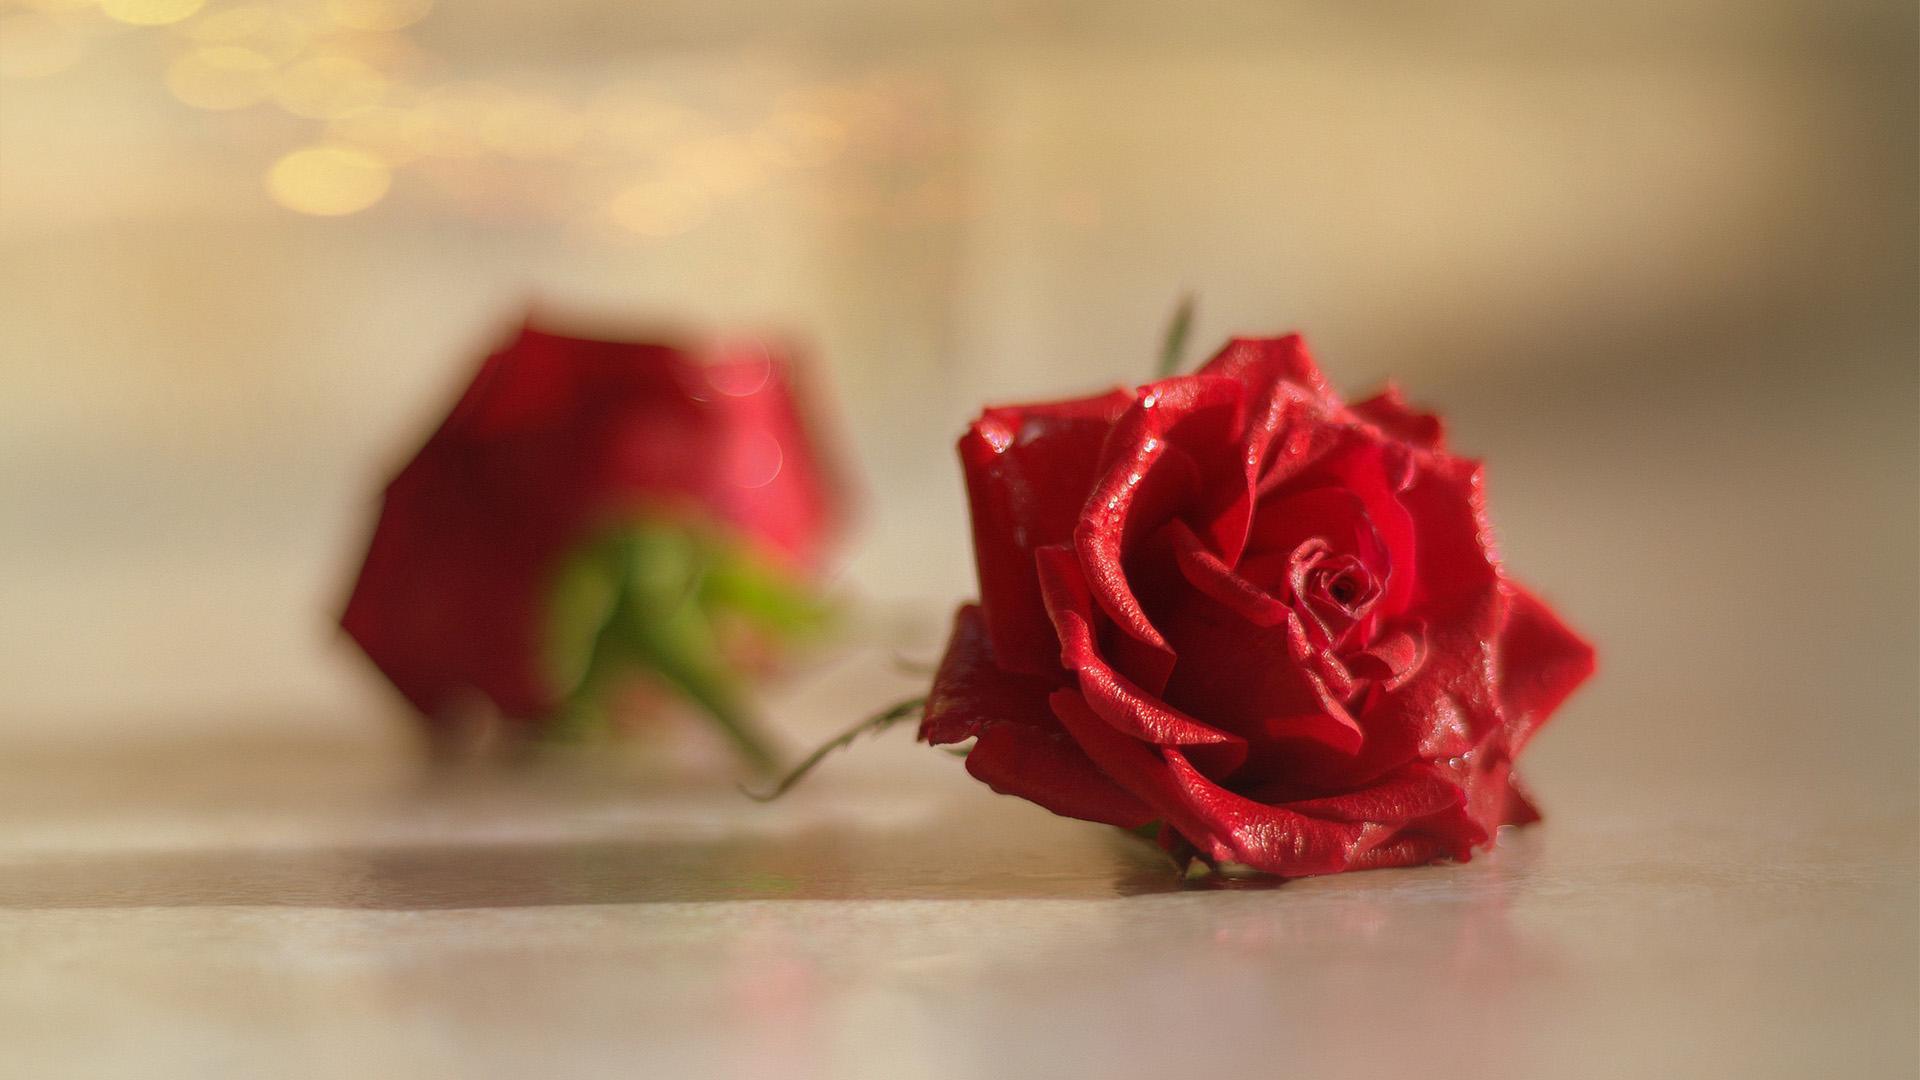 小清新,温馨一刻,玫瑰,鲜花,红花